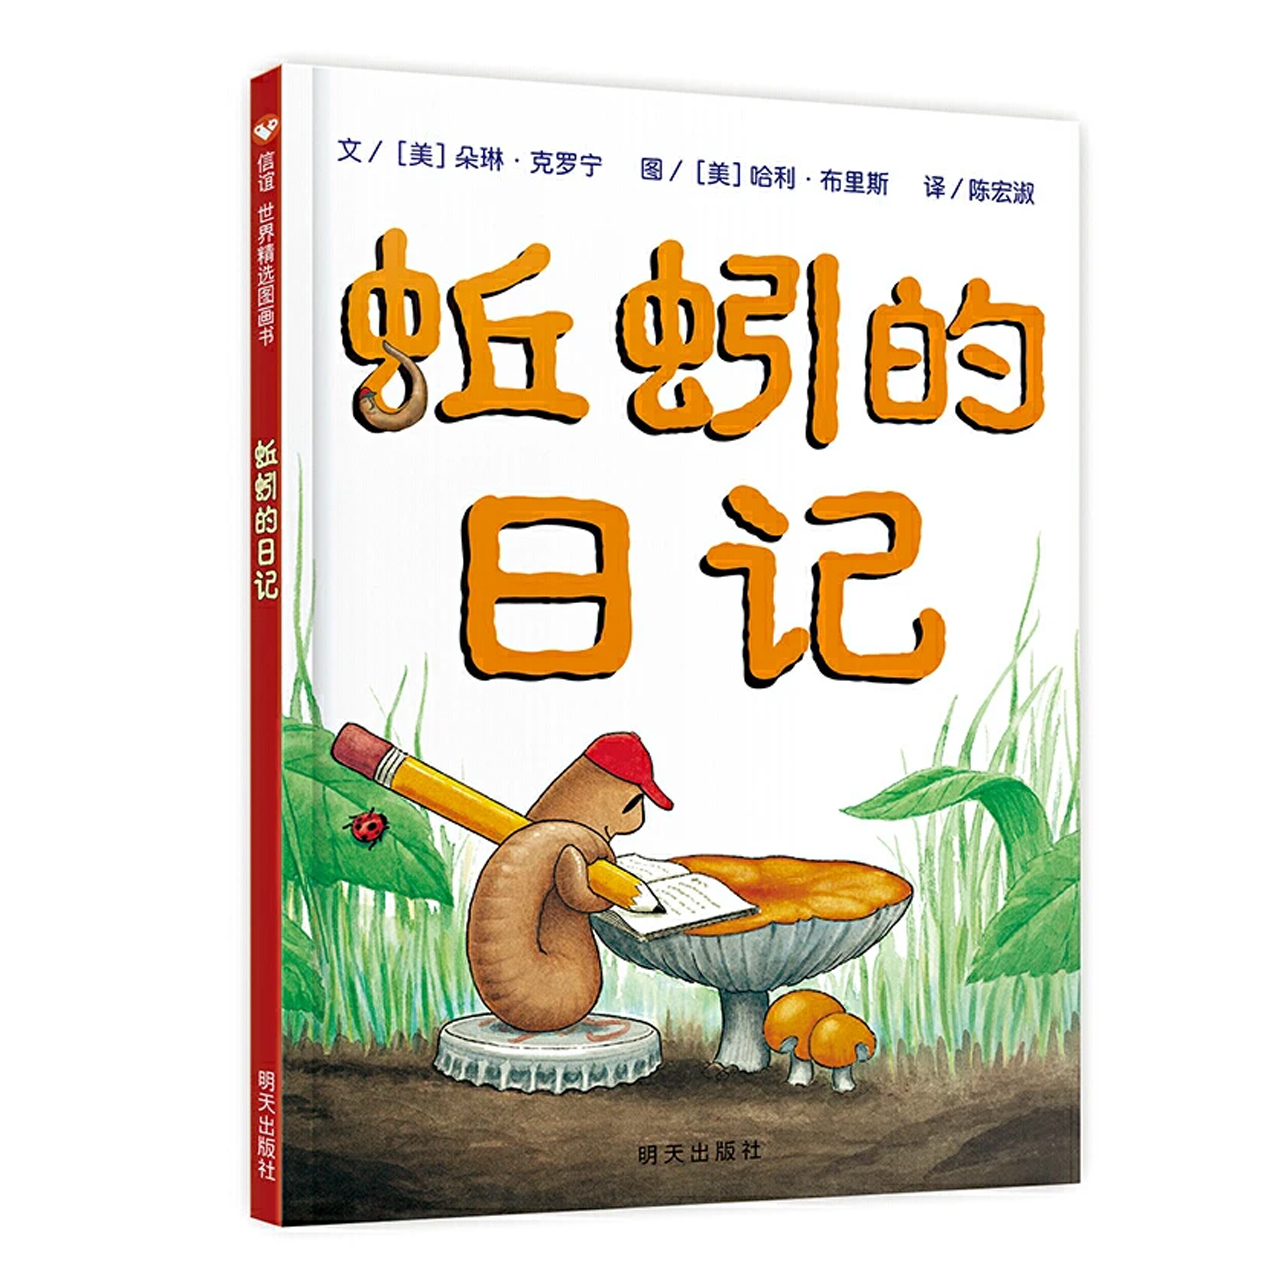 蚯蚓的日记 【儿童绘本/翻译绘本/知识绘本】